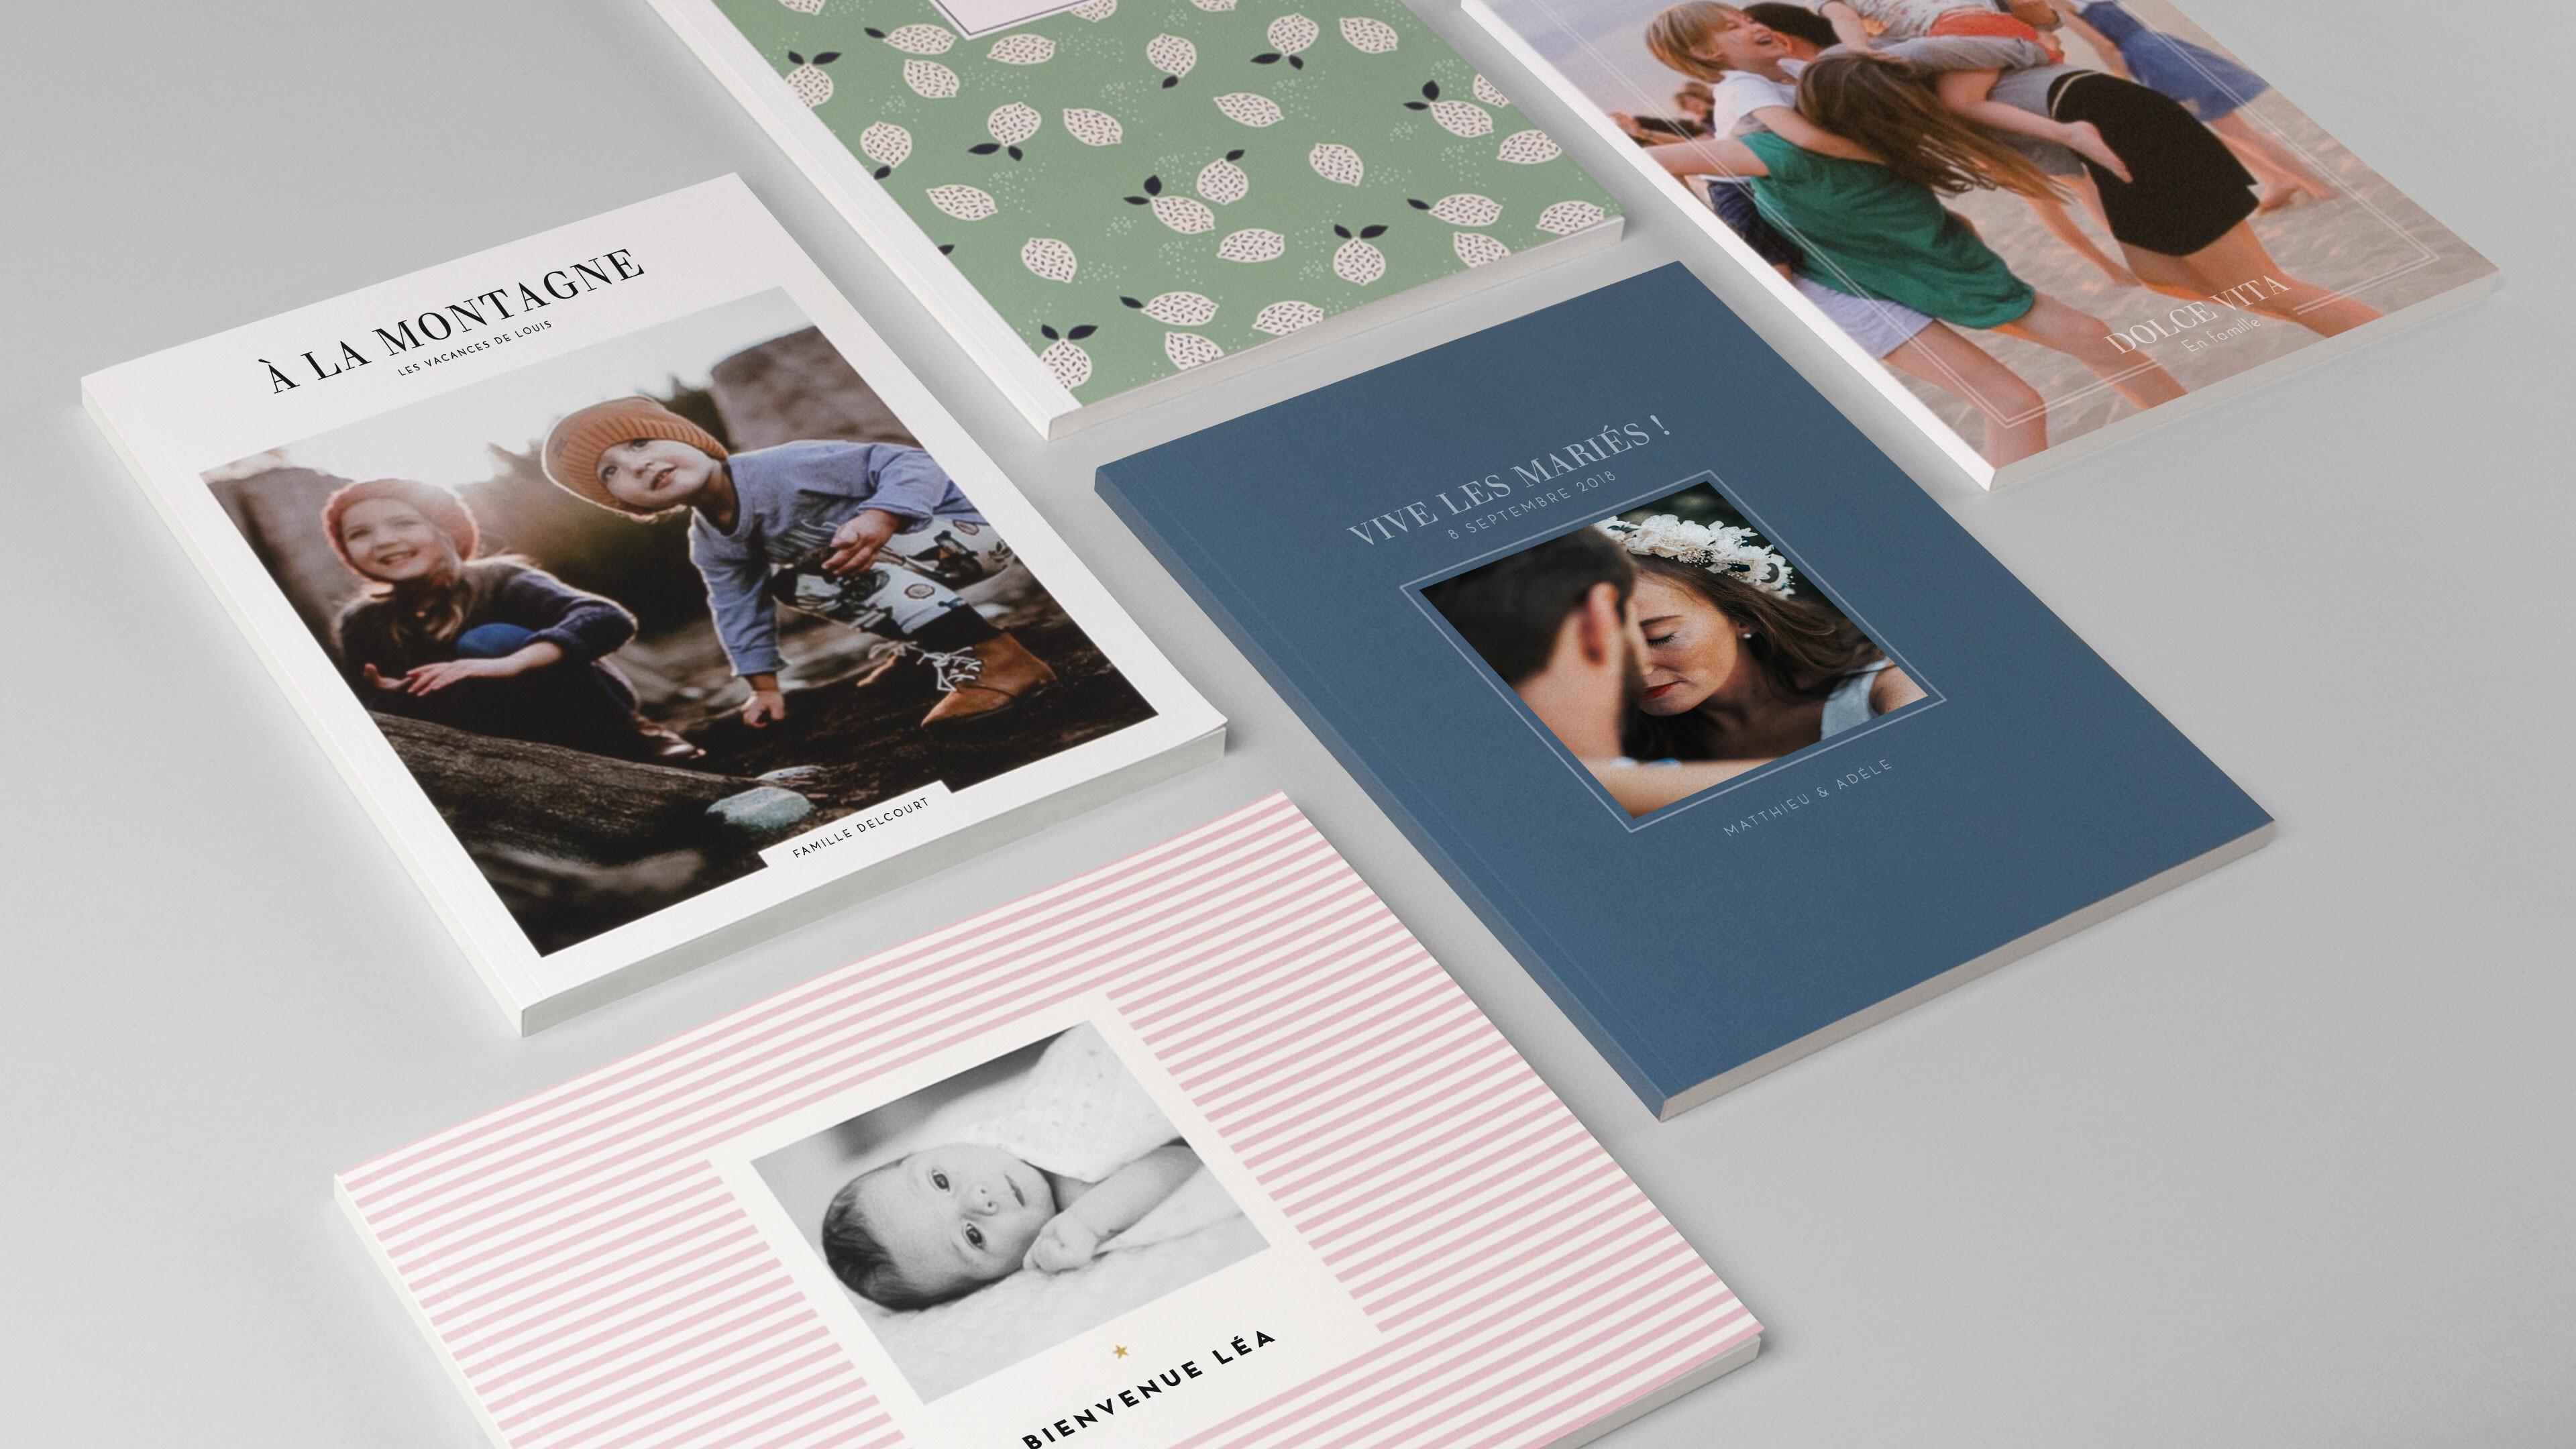 Livre couverture souple design